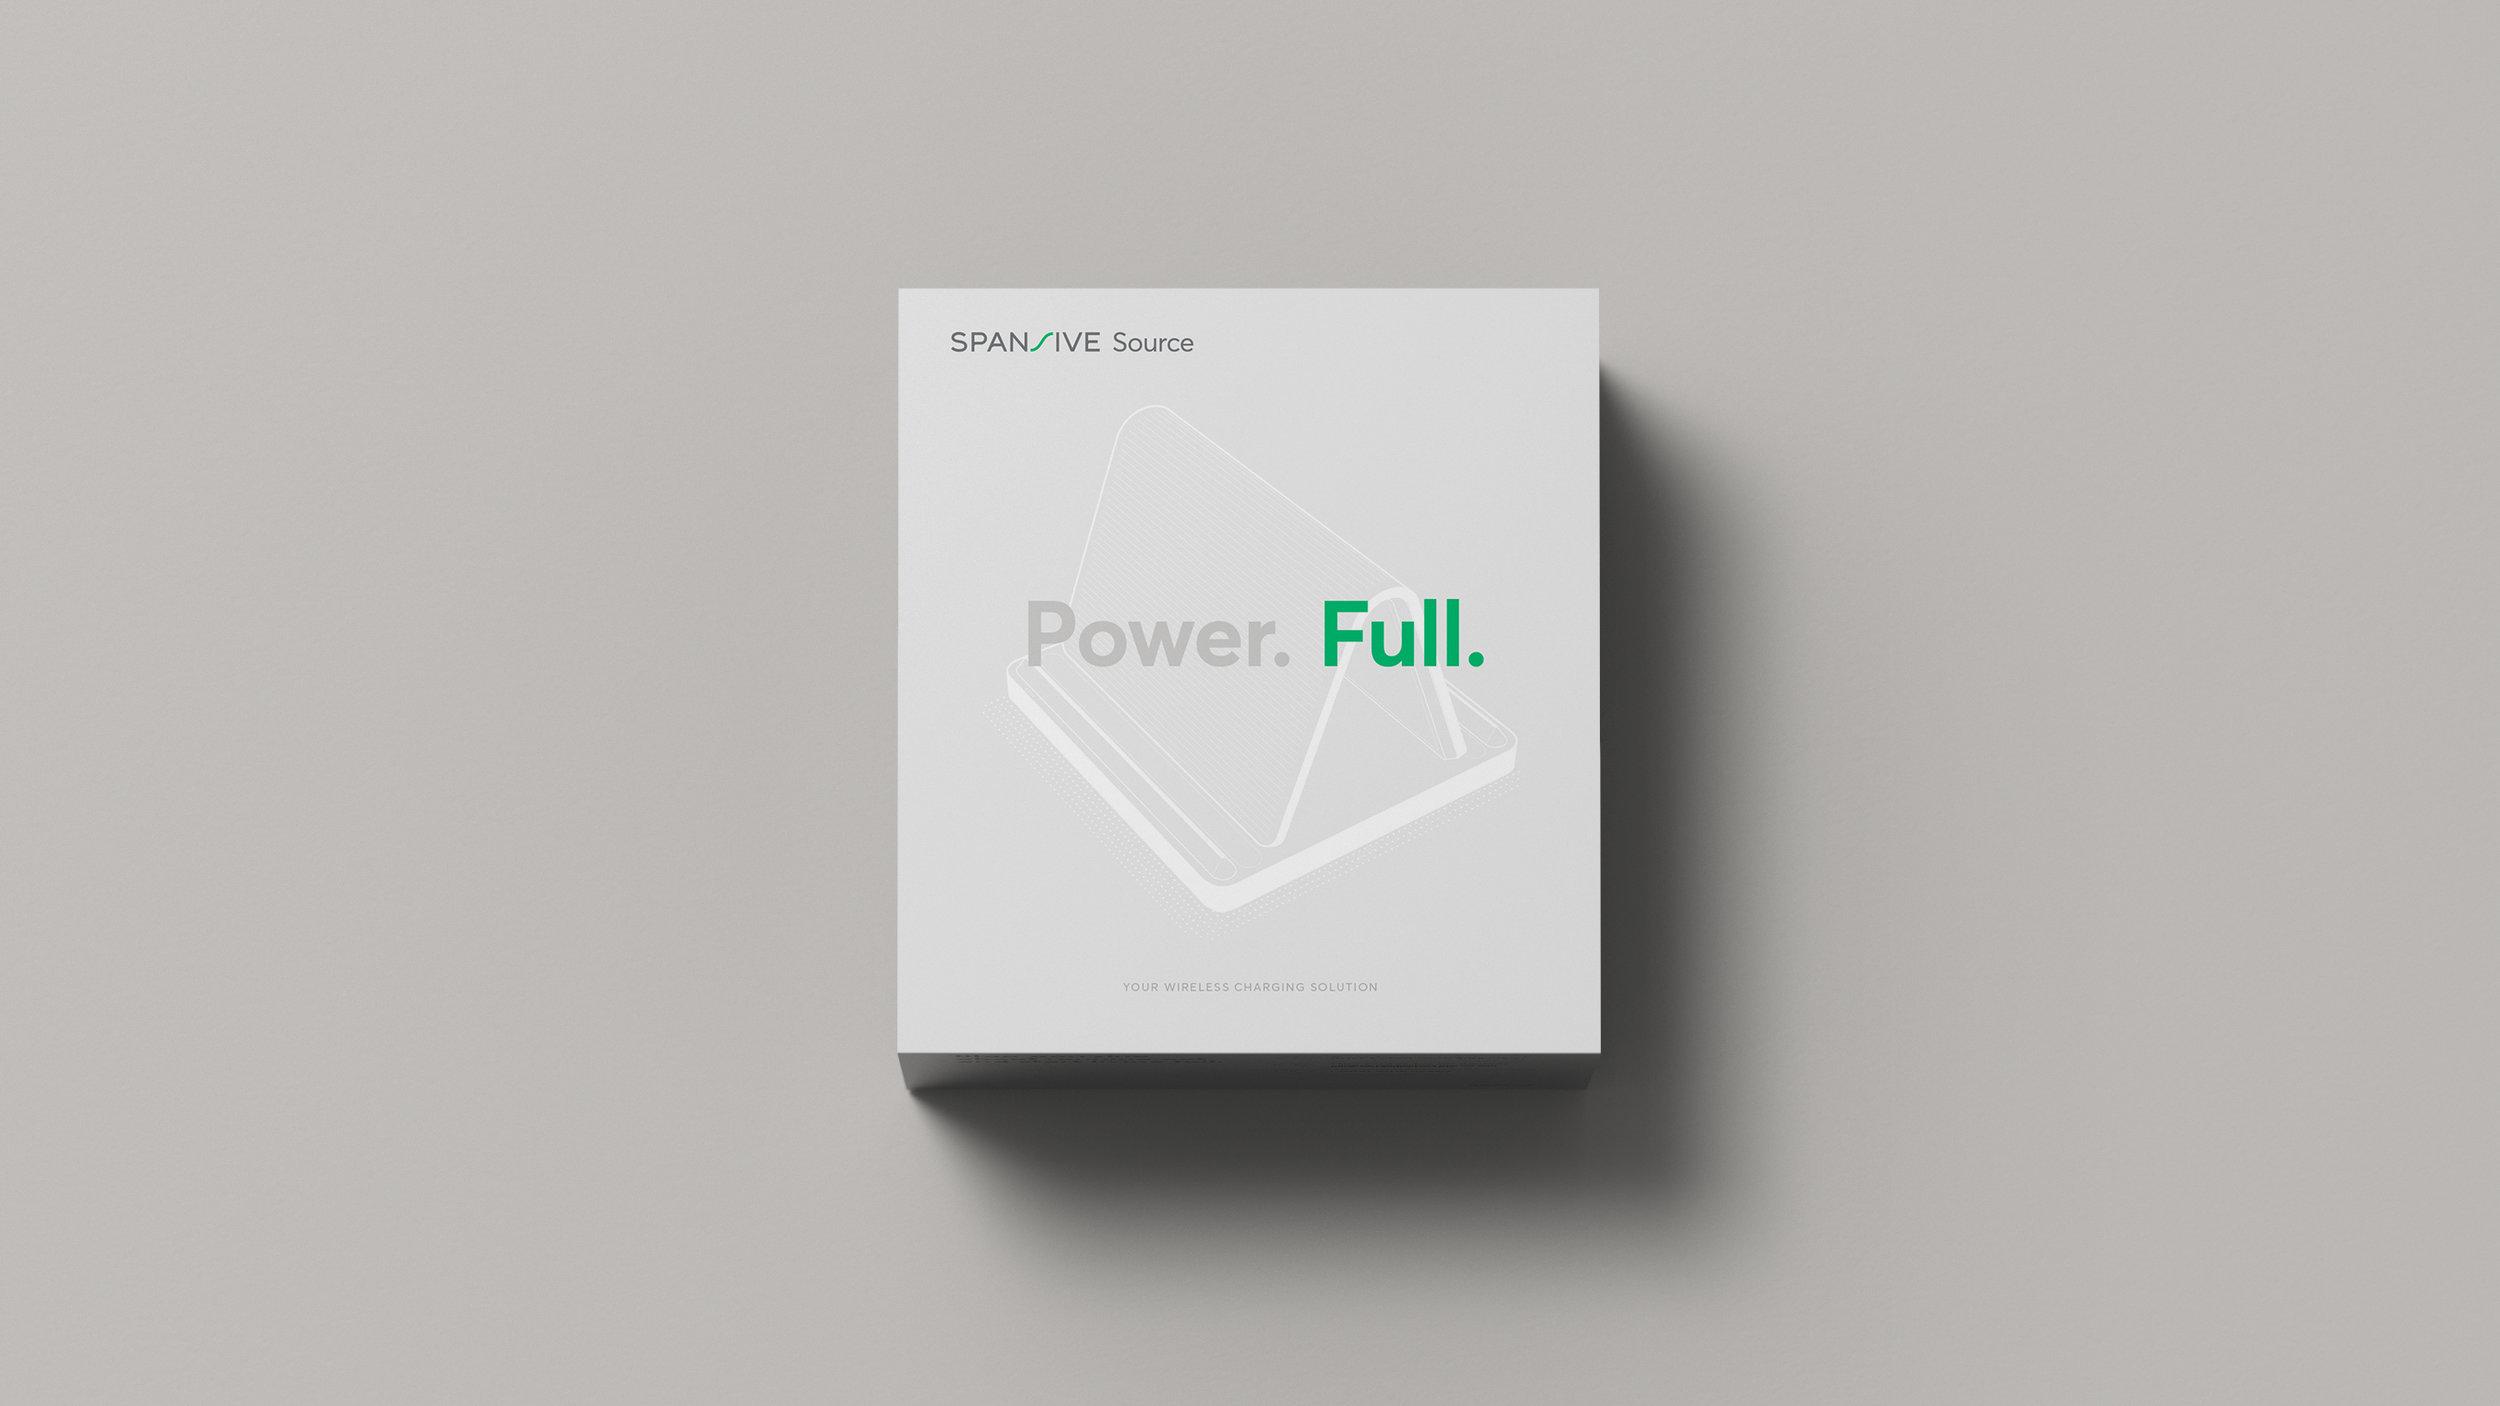 EnlistedWeb_Spansive_Packaging_Unboxing03_V2.jpg